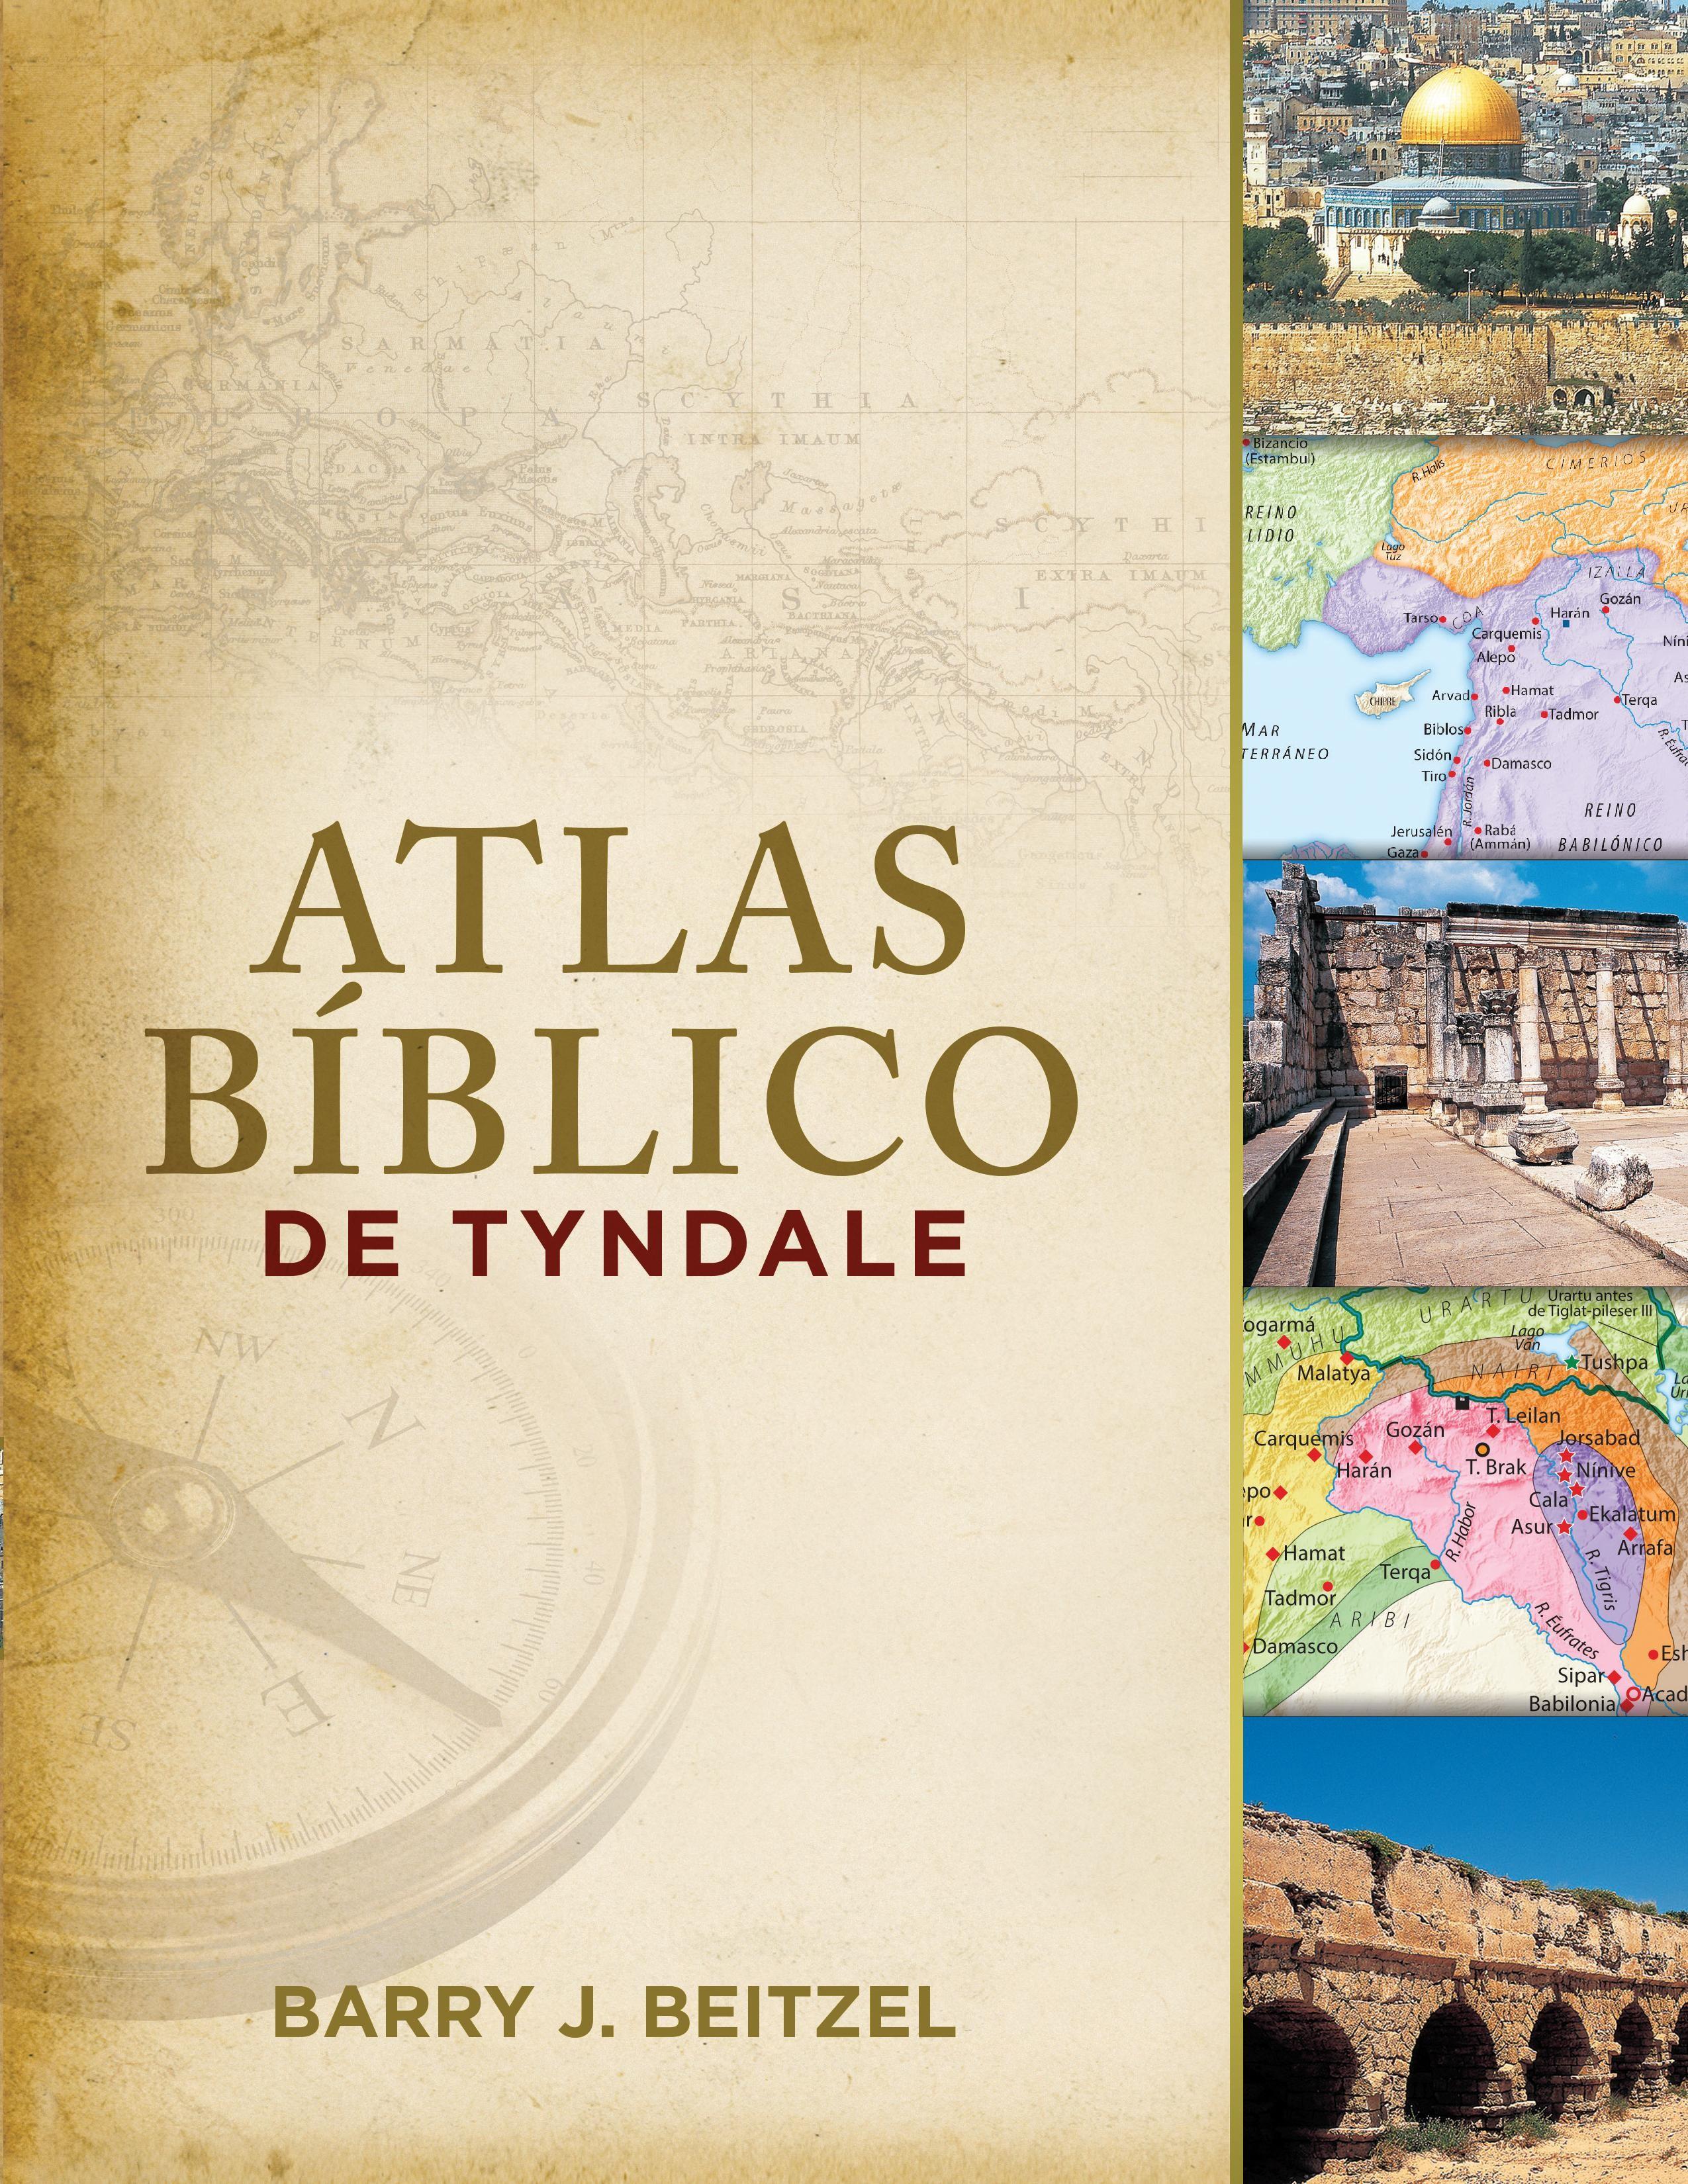 Atlas Bíblico de Tyndale: Tyndale Bible Atlas - 9781414375656 - Beitzel, Barry J.